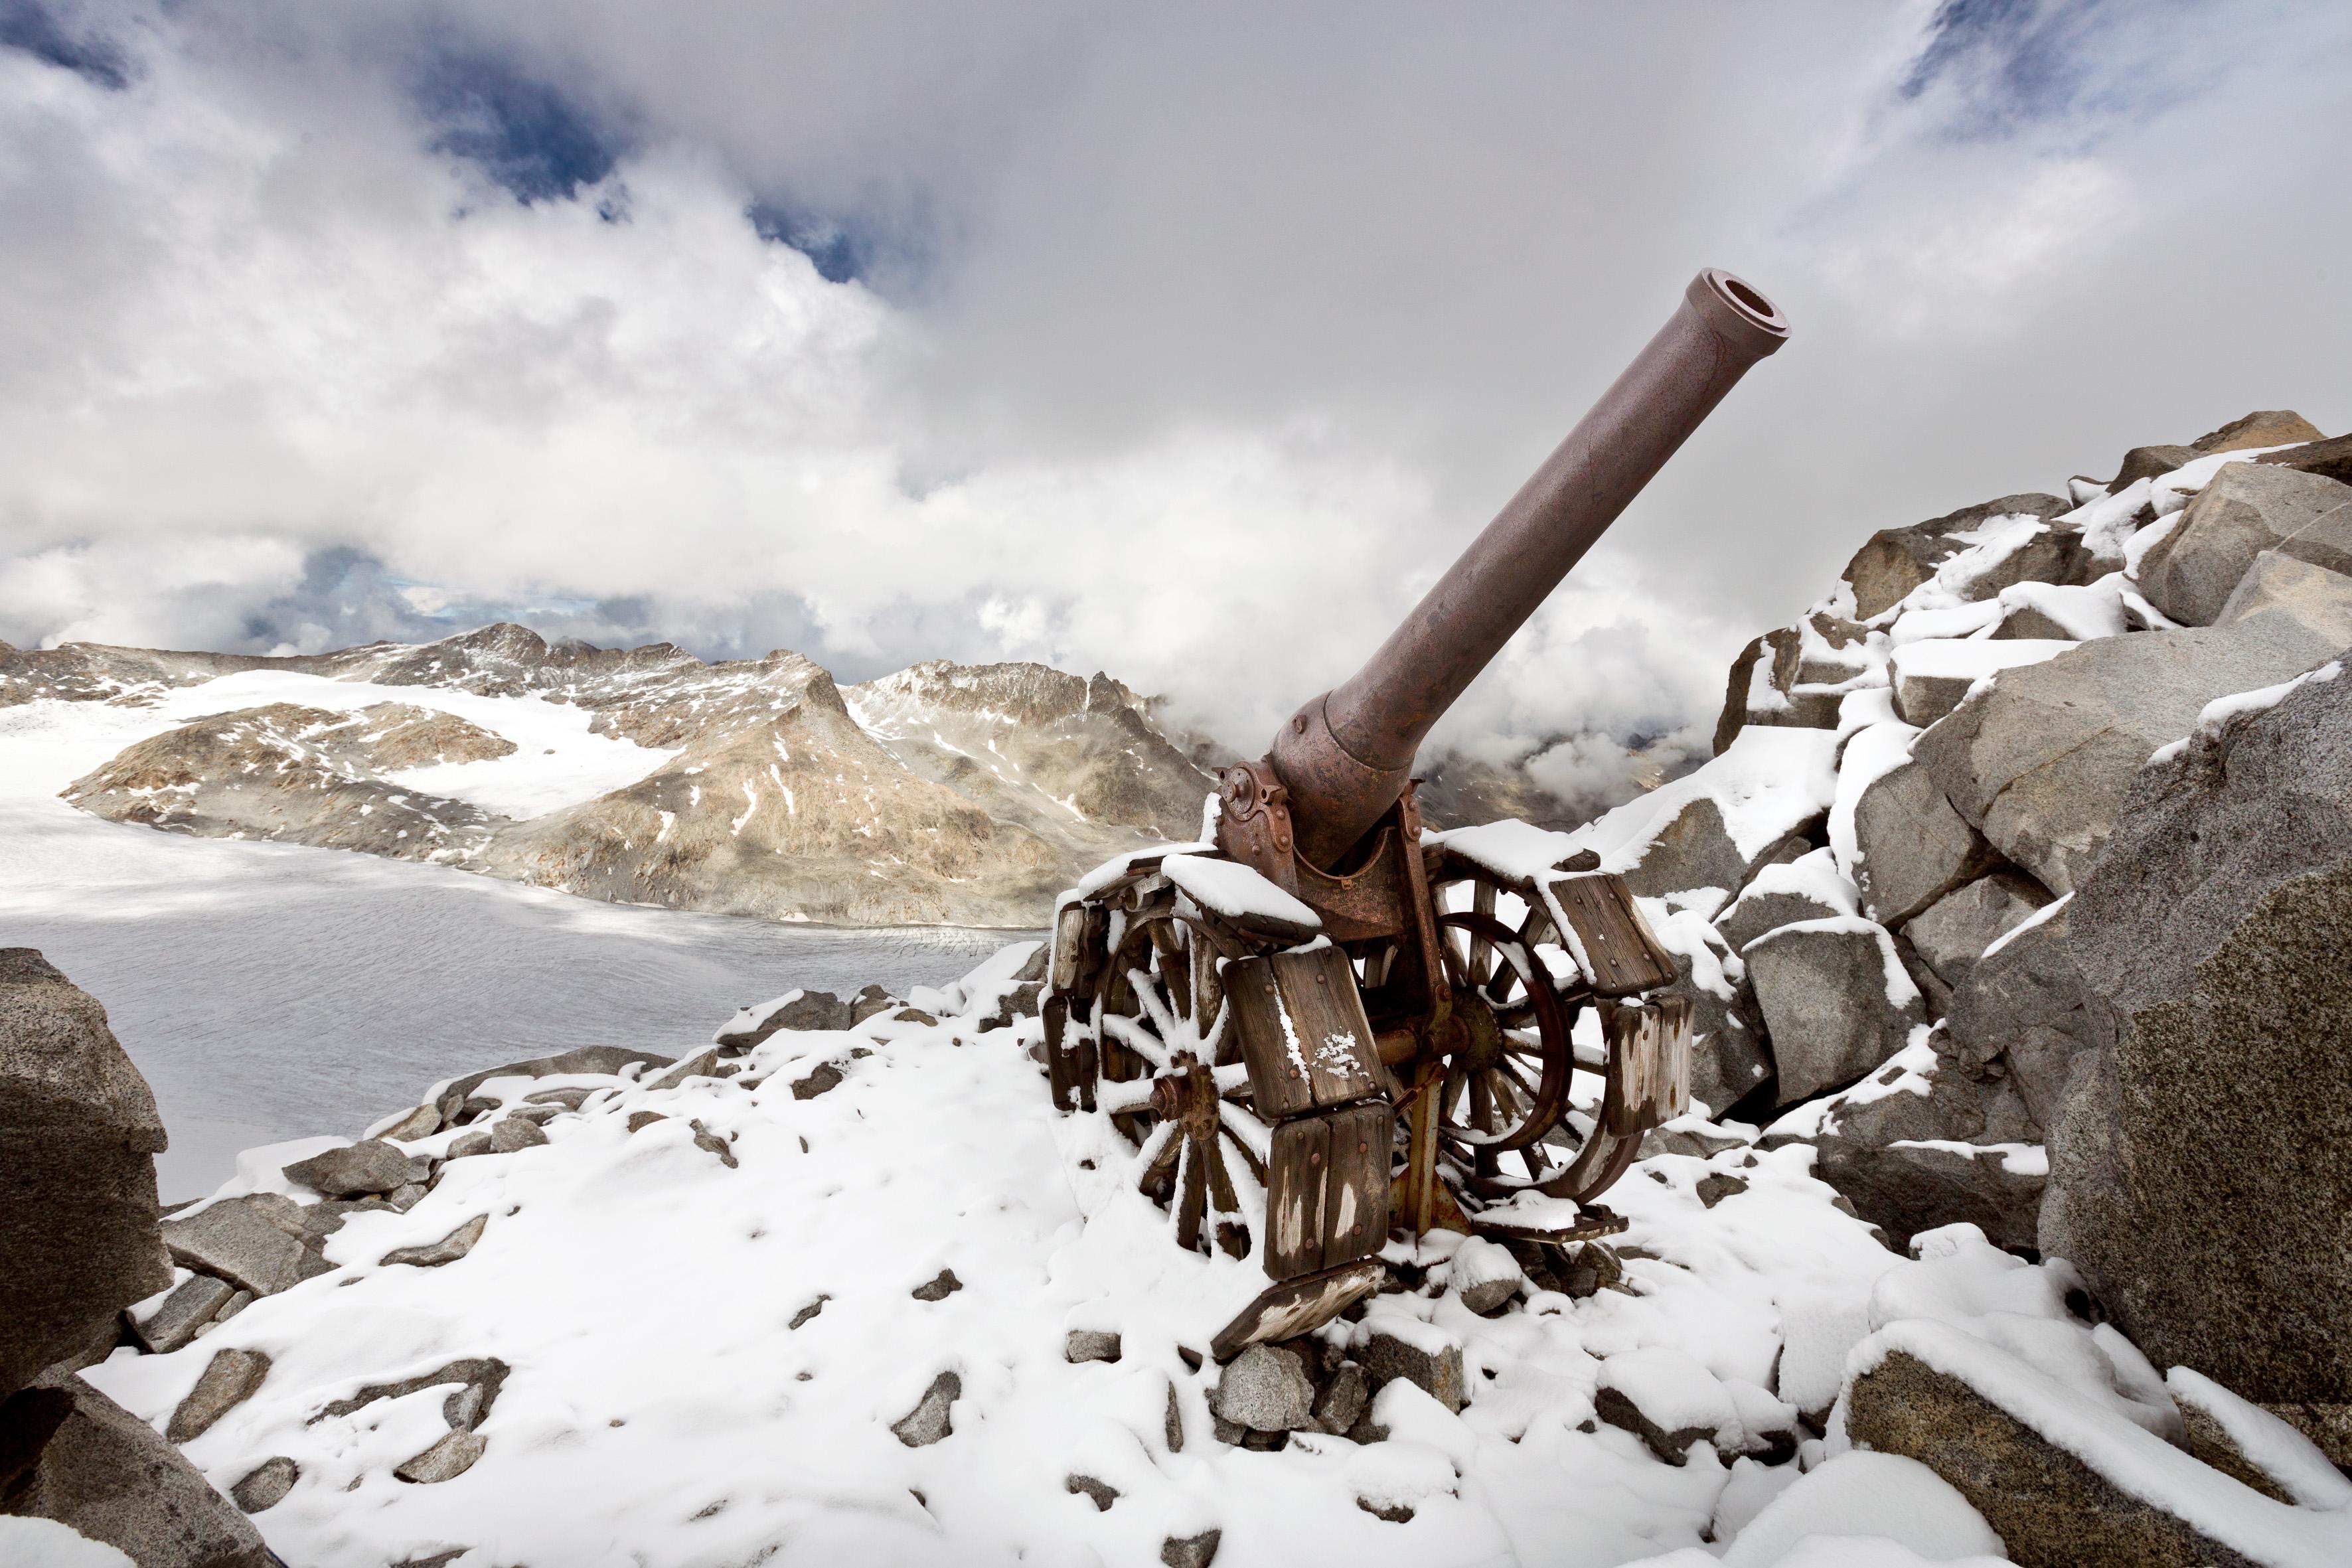 Gruppo Adamello- Cresta Croce, cannone italiano 149 G, innalzato a Cresta Croce per appoggiare l'attacco e la conquista del Corno di Cavento. Fotografia di Stefano Torrione